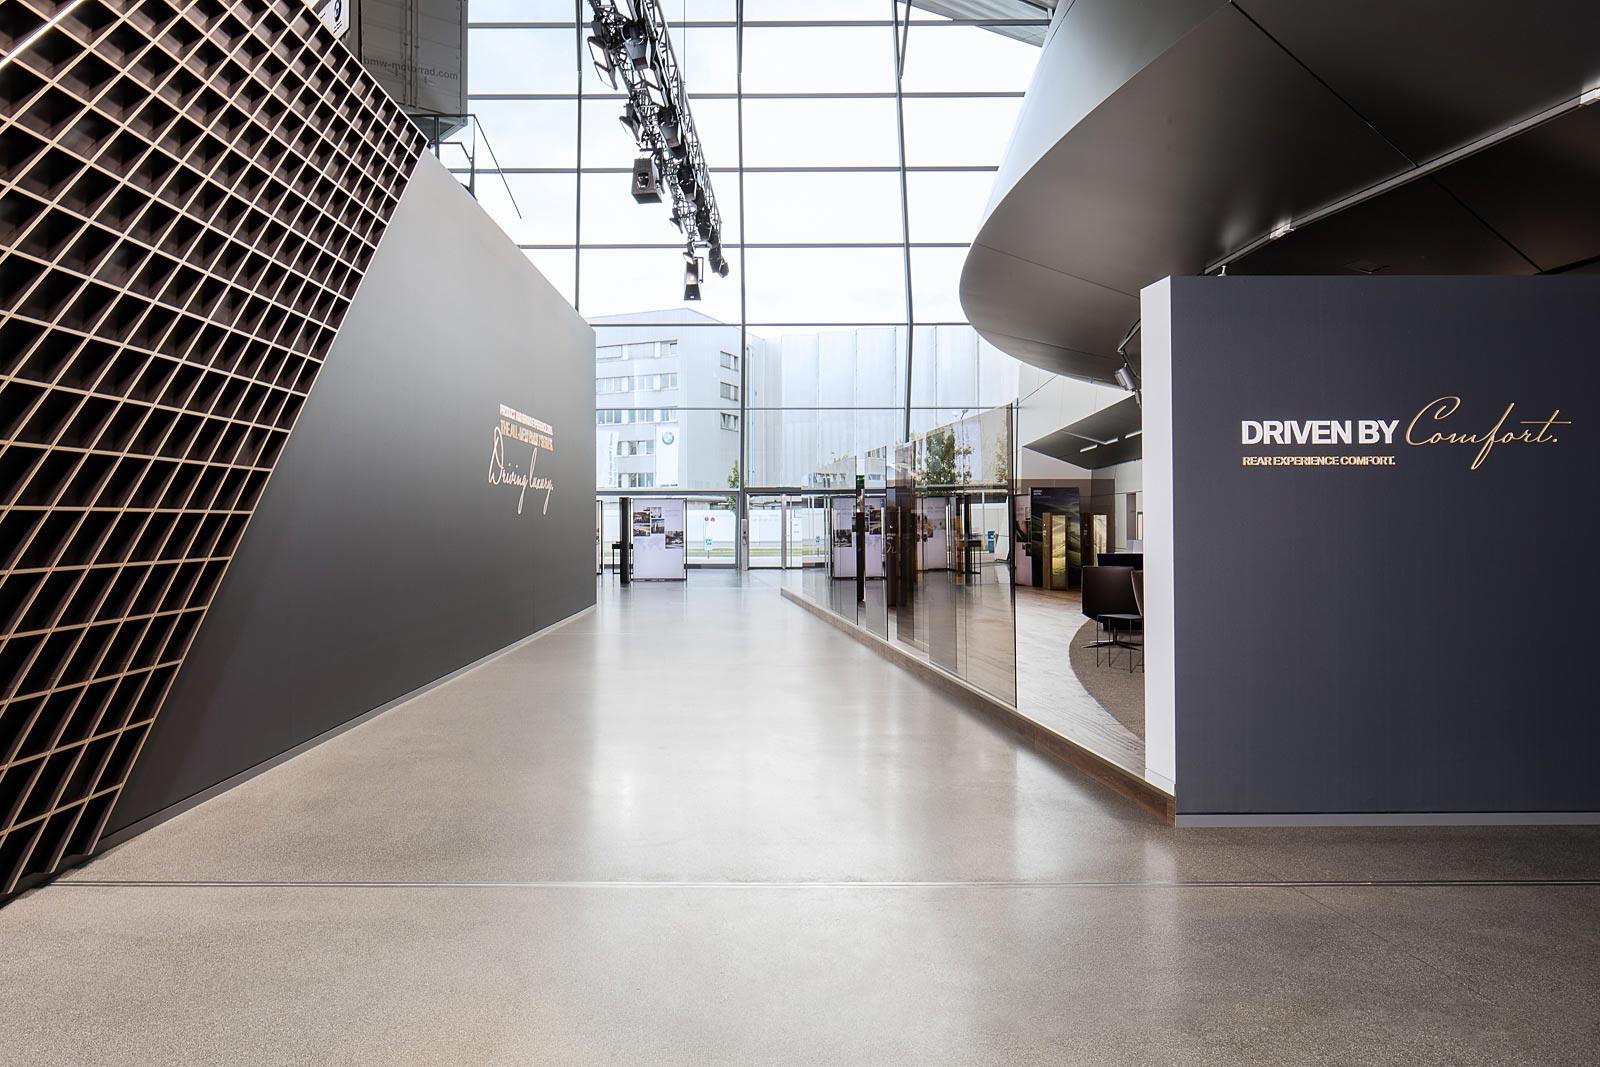 Architekturfotograf aus münchen, Innenarchitektur Fotografie, in München,